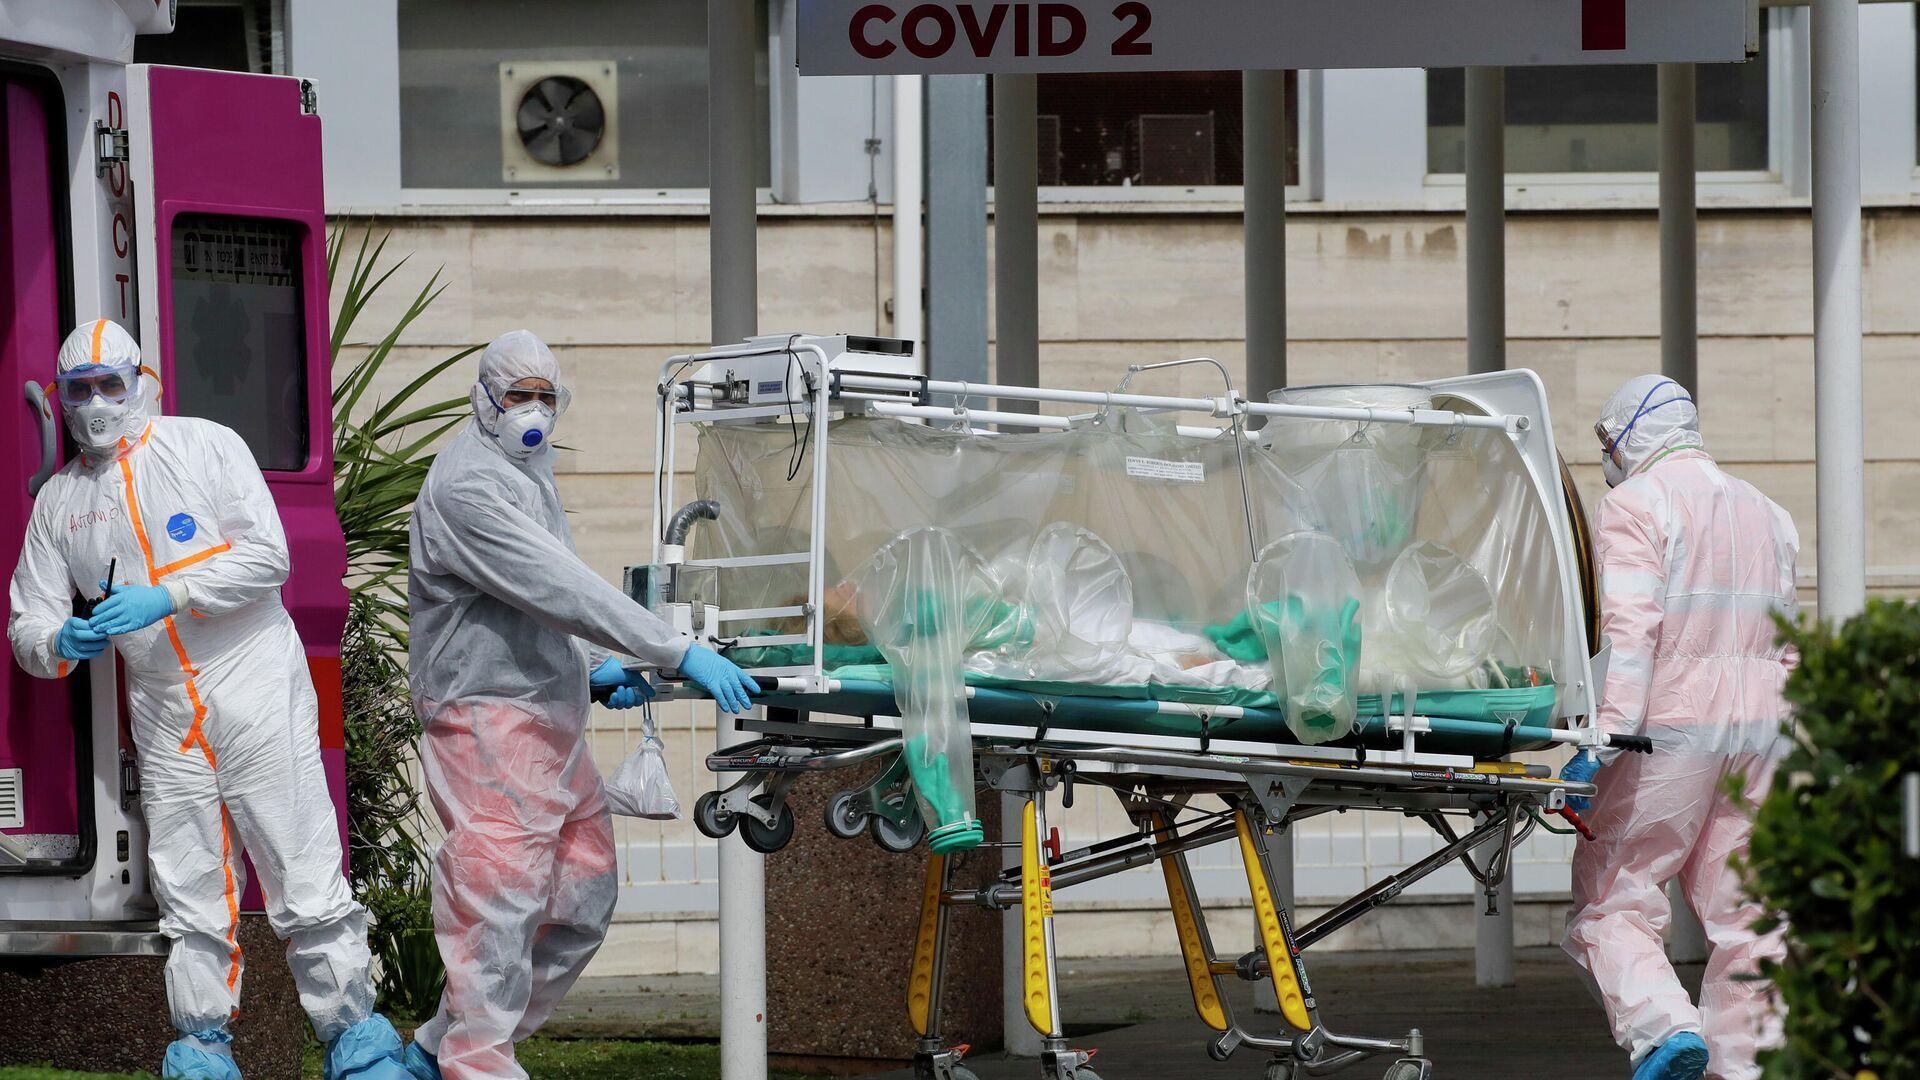 Медицинские работники несут пациента, доставленного в больницу Columbus Covid 2 в Риме - РИА Новости, 1920, 18.10.2020